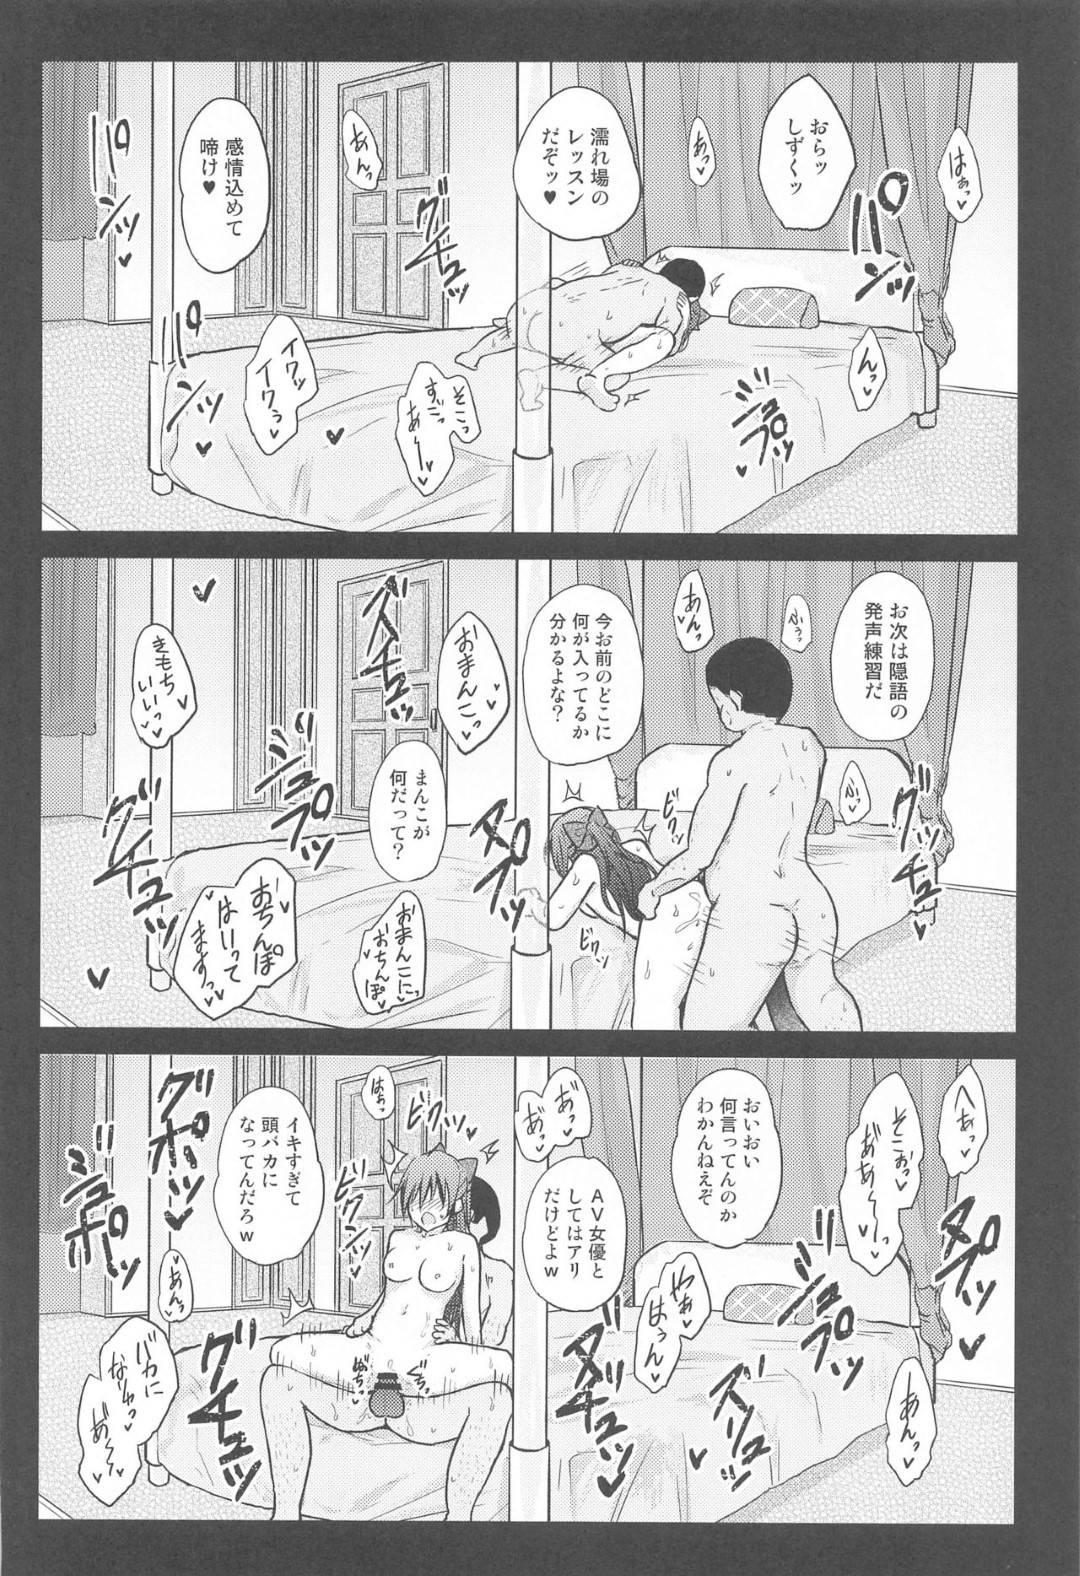 【エロ漫画】屋敷の清掃員のおじさんと秘密の関係になったお嬢様JKのしずく。見かけに反して淫乱な彼女は毎日のようにおじさんとこっそりセックスする!彼の勃起したチンポをご奉仕するようにフェラ抜きした挙げ句、生ハメセックスする!